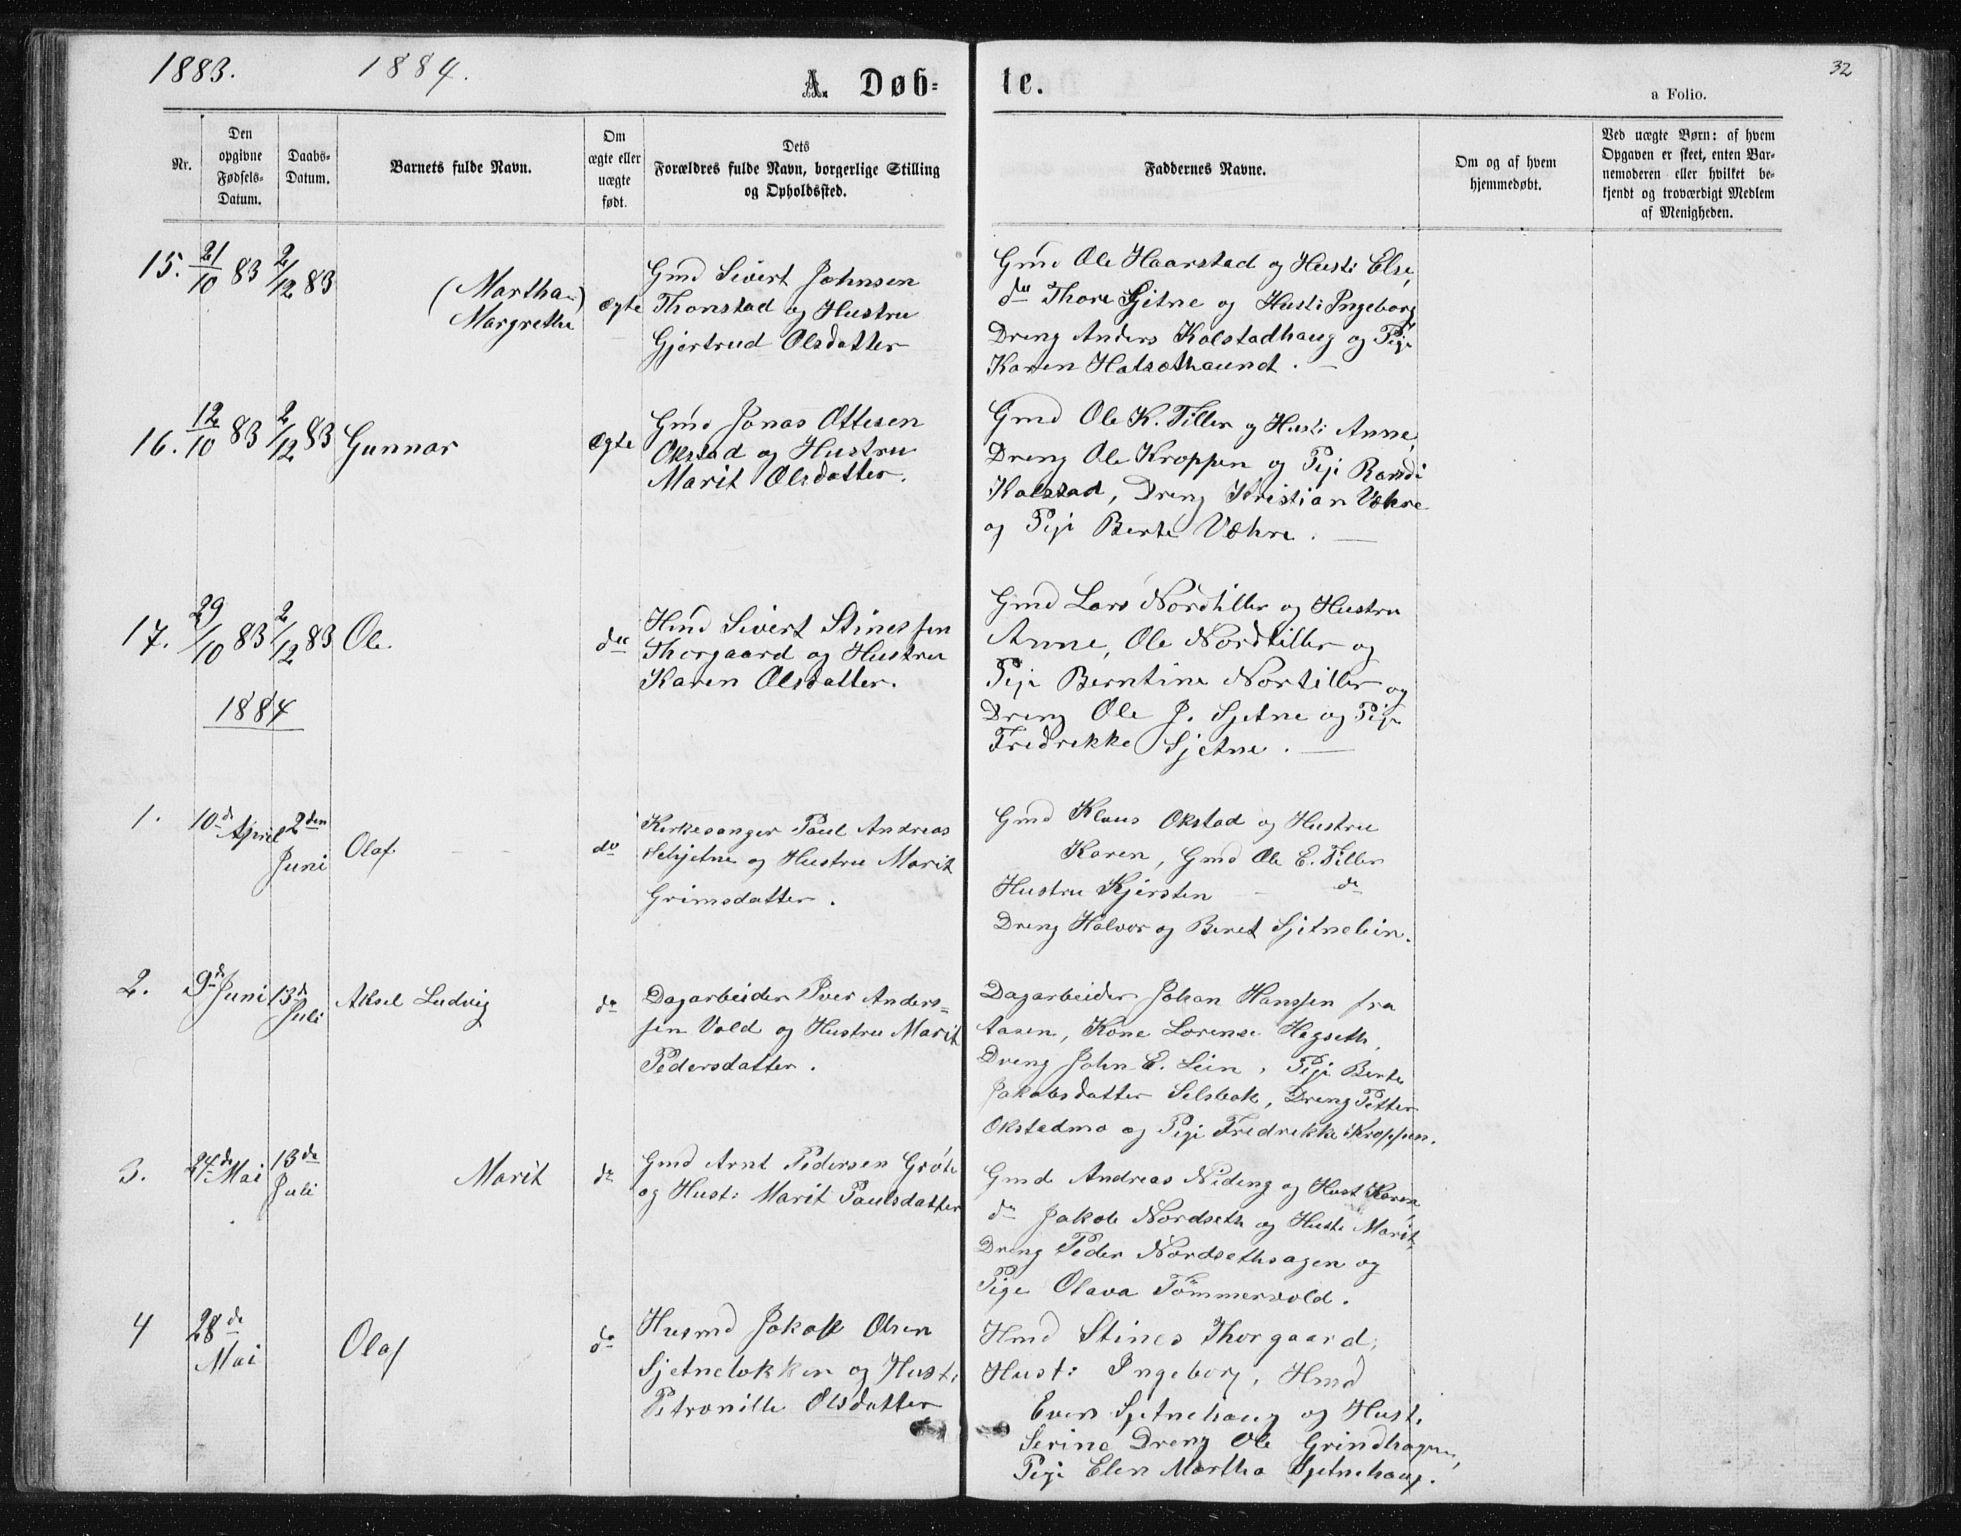 SAT, Ministerialprotokoller, klokkerbøker og fødselsregistre - Sør-Trøndelag, 621/L0459: Klokkerbok nr. 621C02, 1866-1895, s. 32